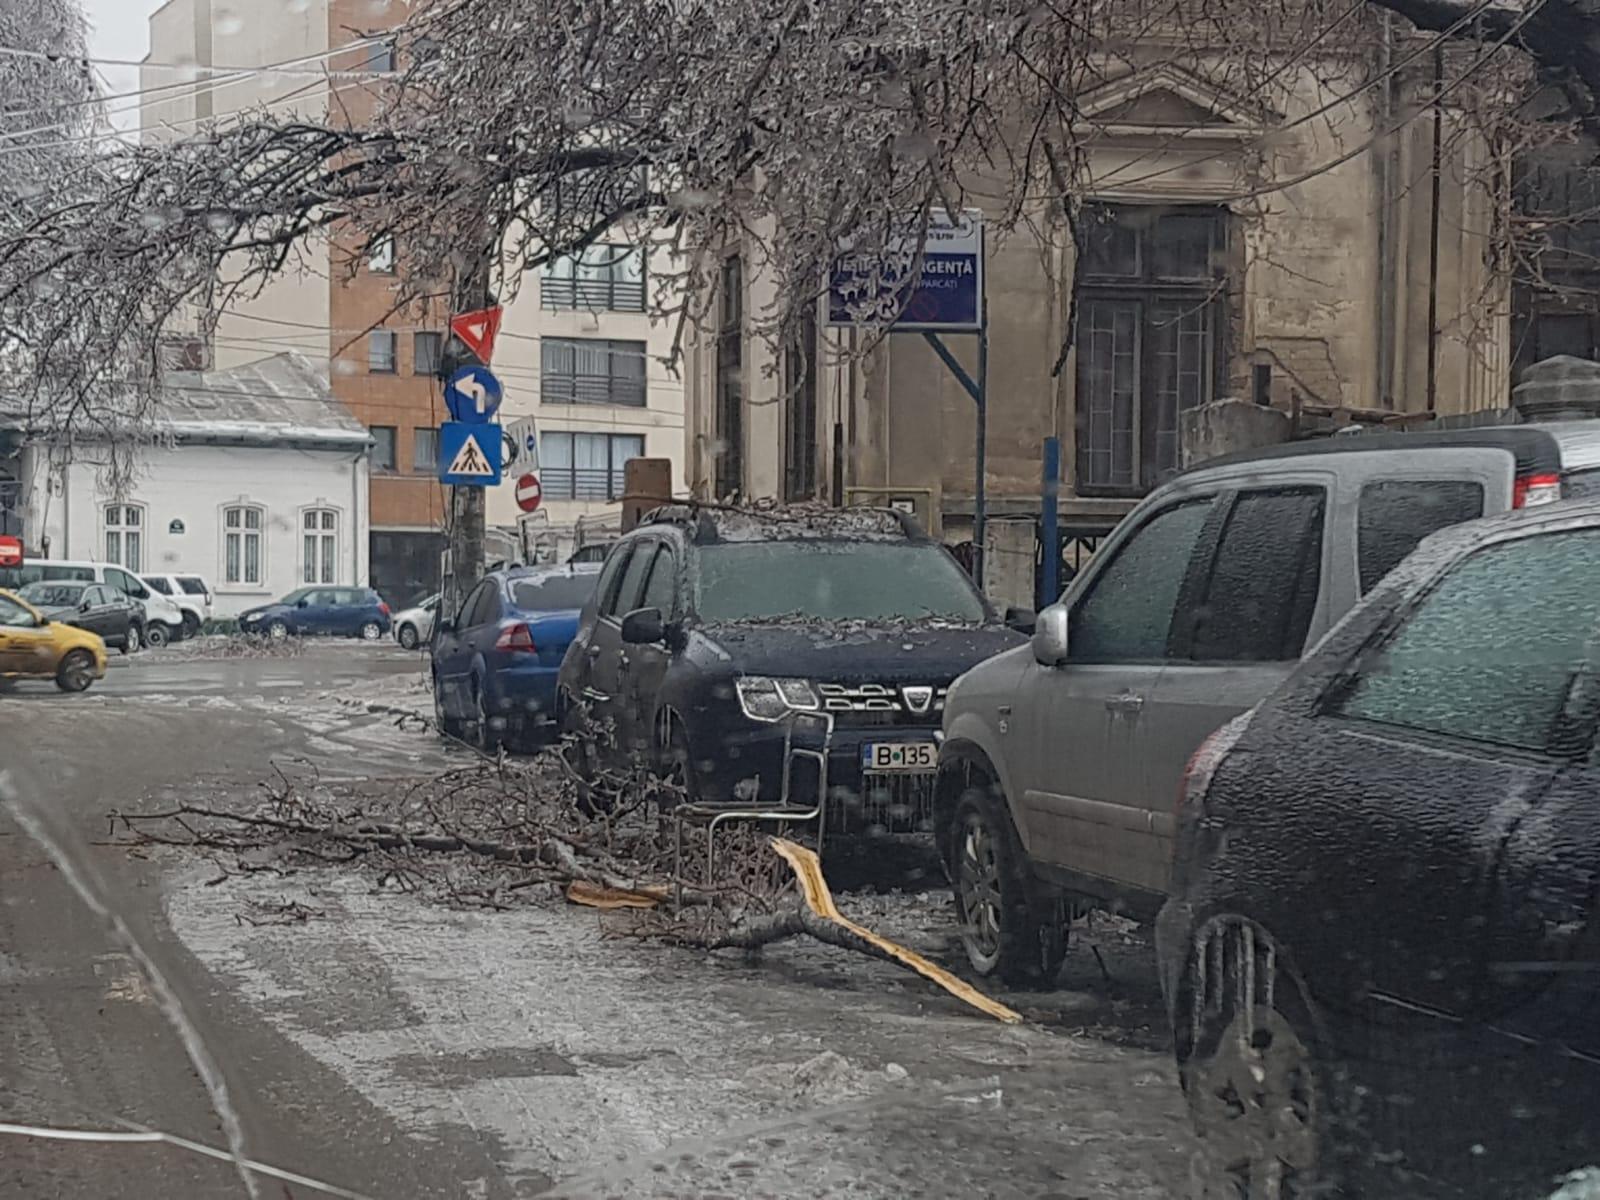 Bucuresti 2019-01-26 / 12.12.27